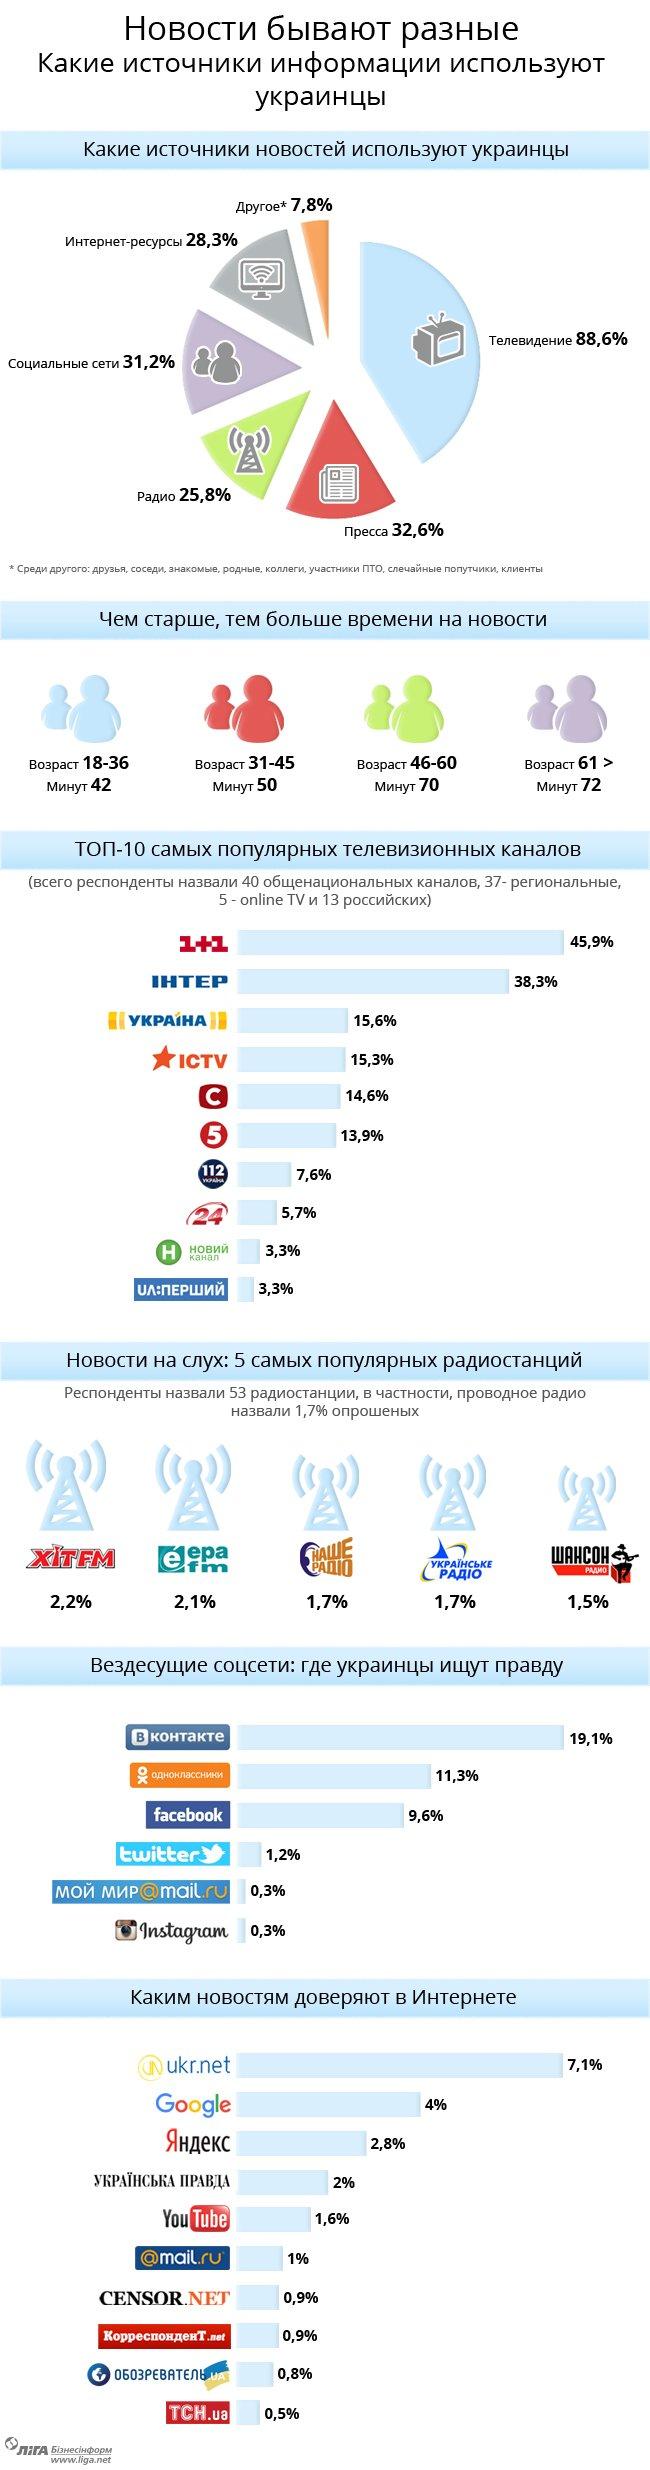 Какие источники информации используют украинцы (ИНФОГРАФИКА) (фото) - фото 1